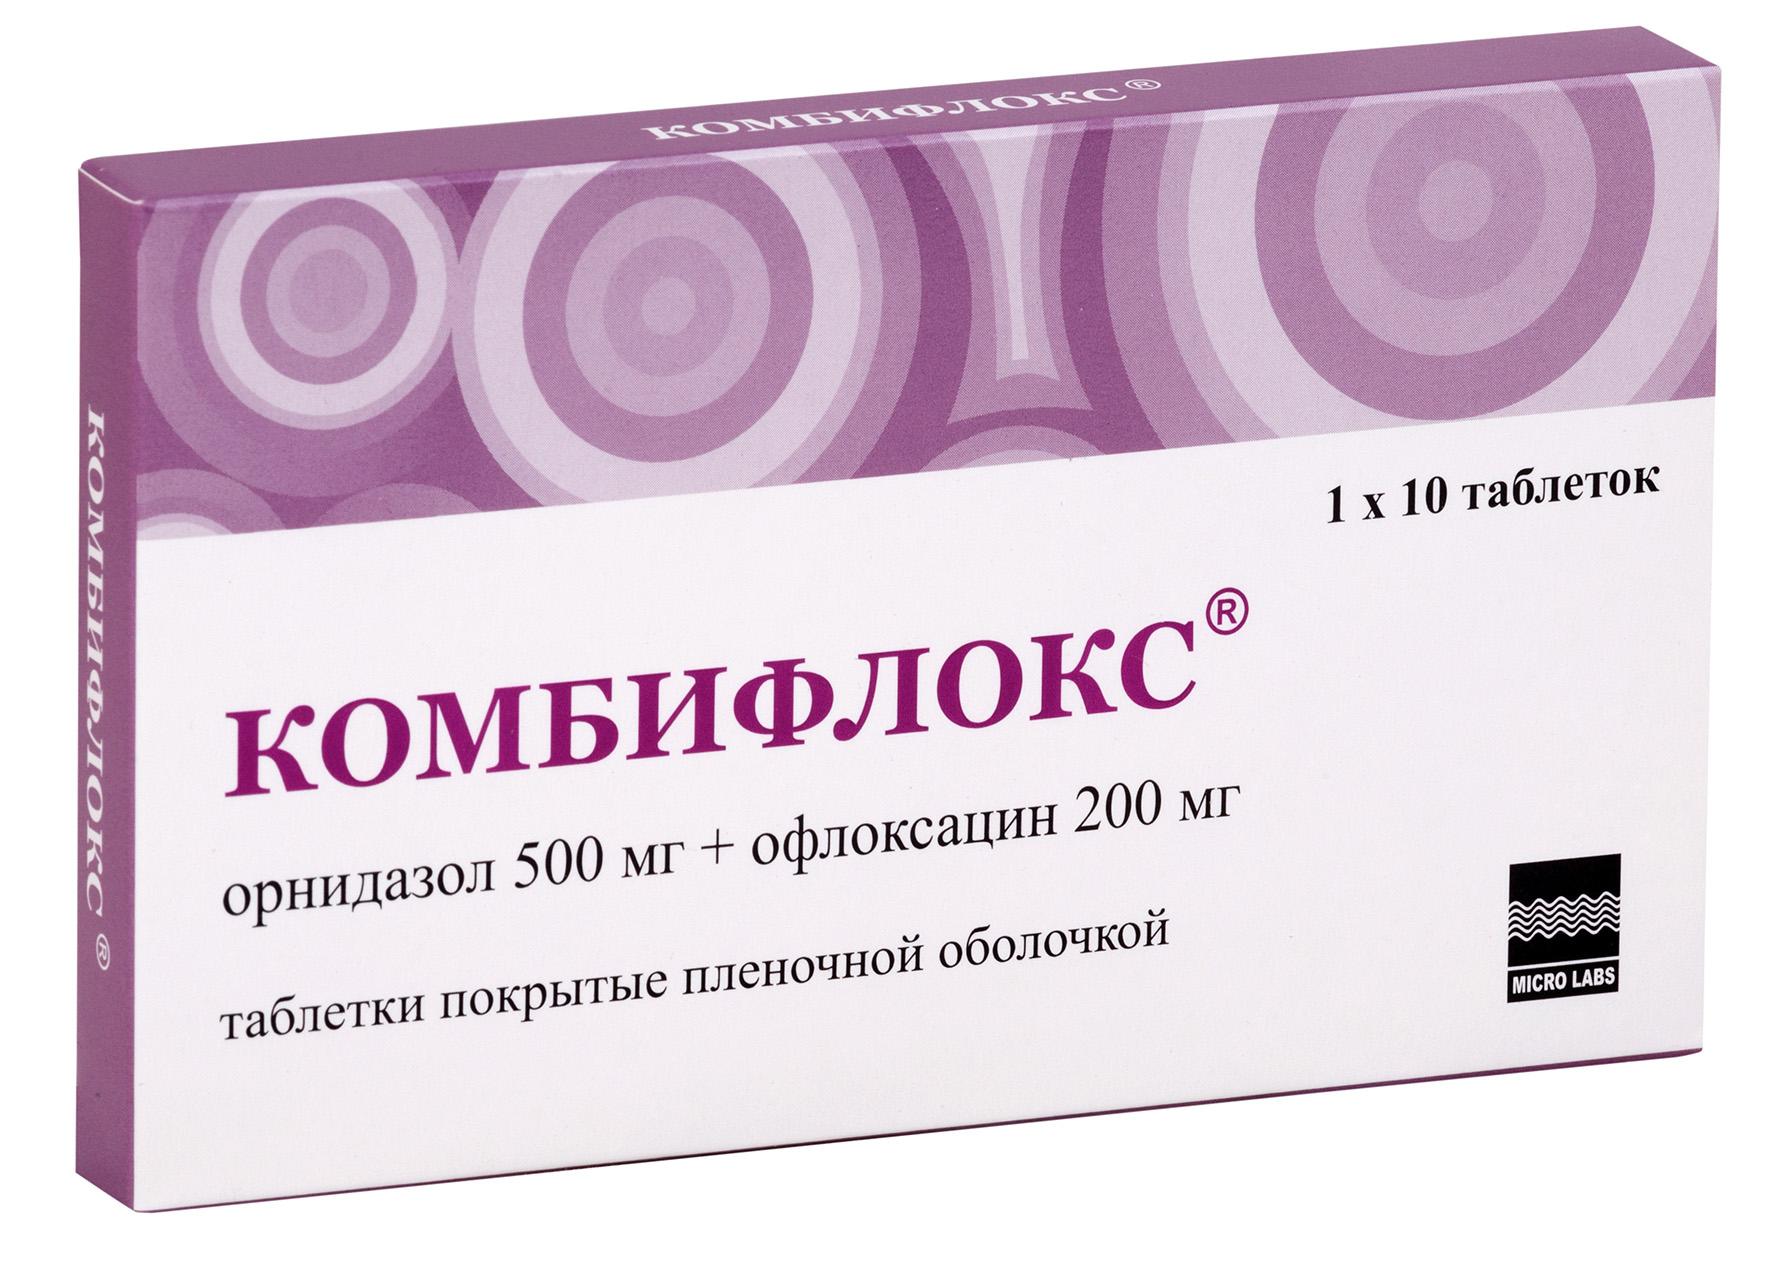 Комбифлокс таб. п.п.о. 500мг+200мг n10